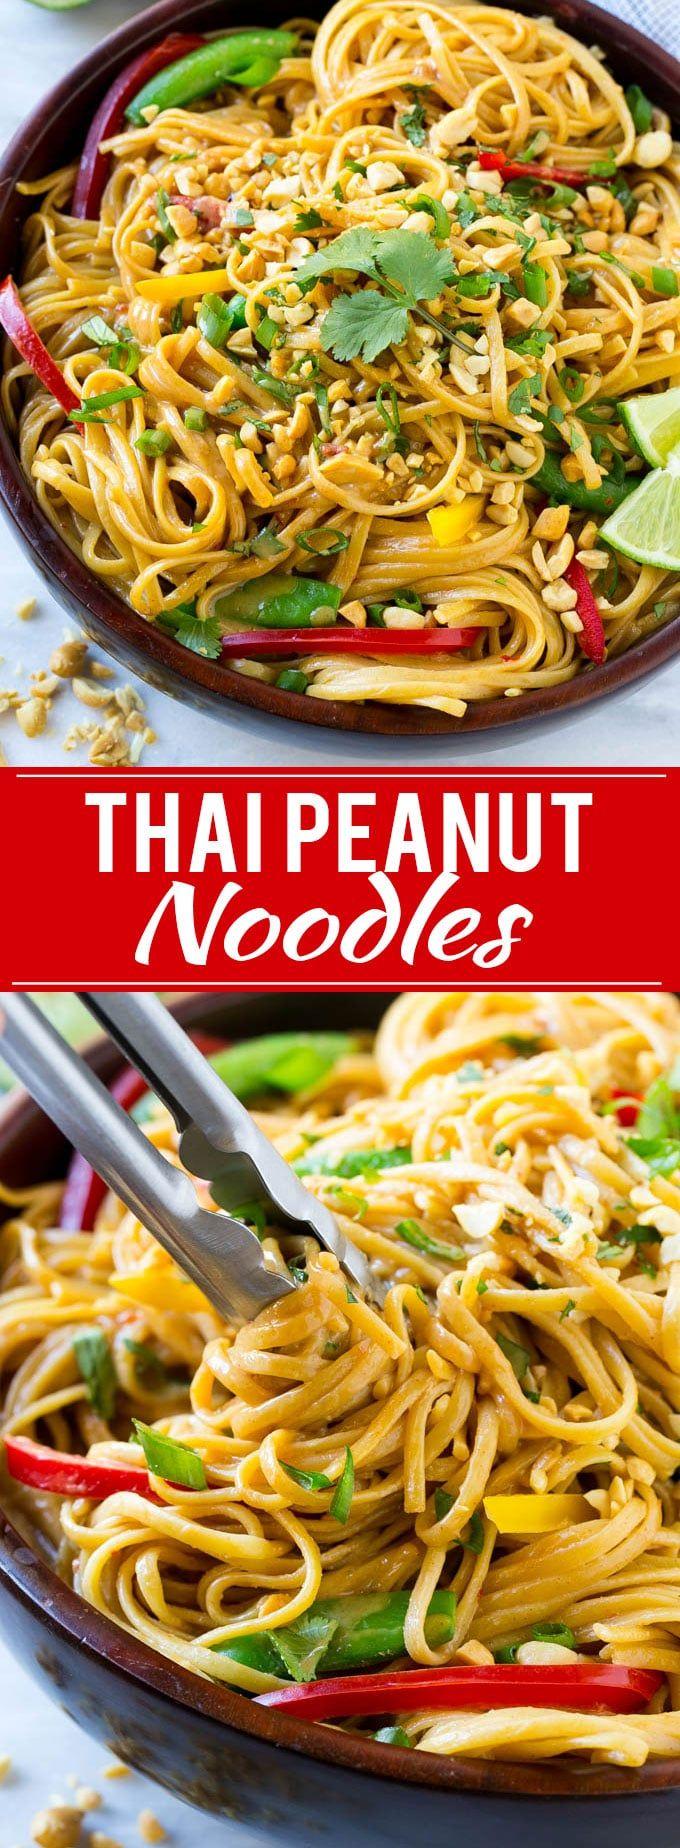 Thai Peanut Noodles Recipe | Asian Noodles | Thai Noodles | Peanut Sauce